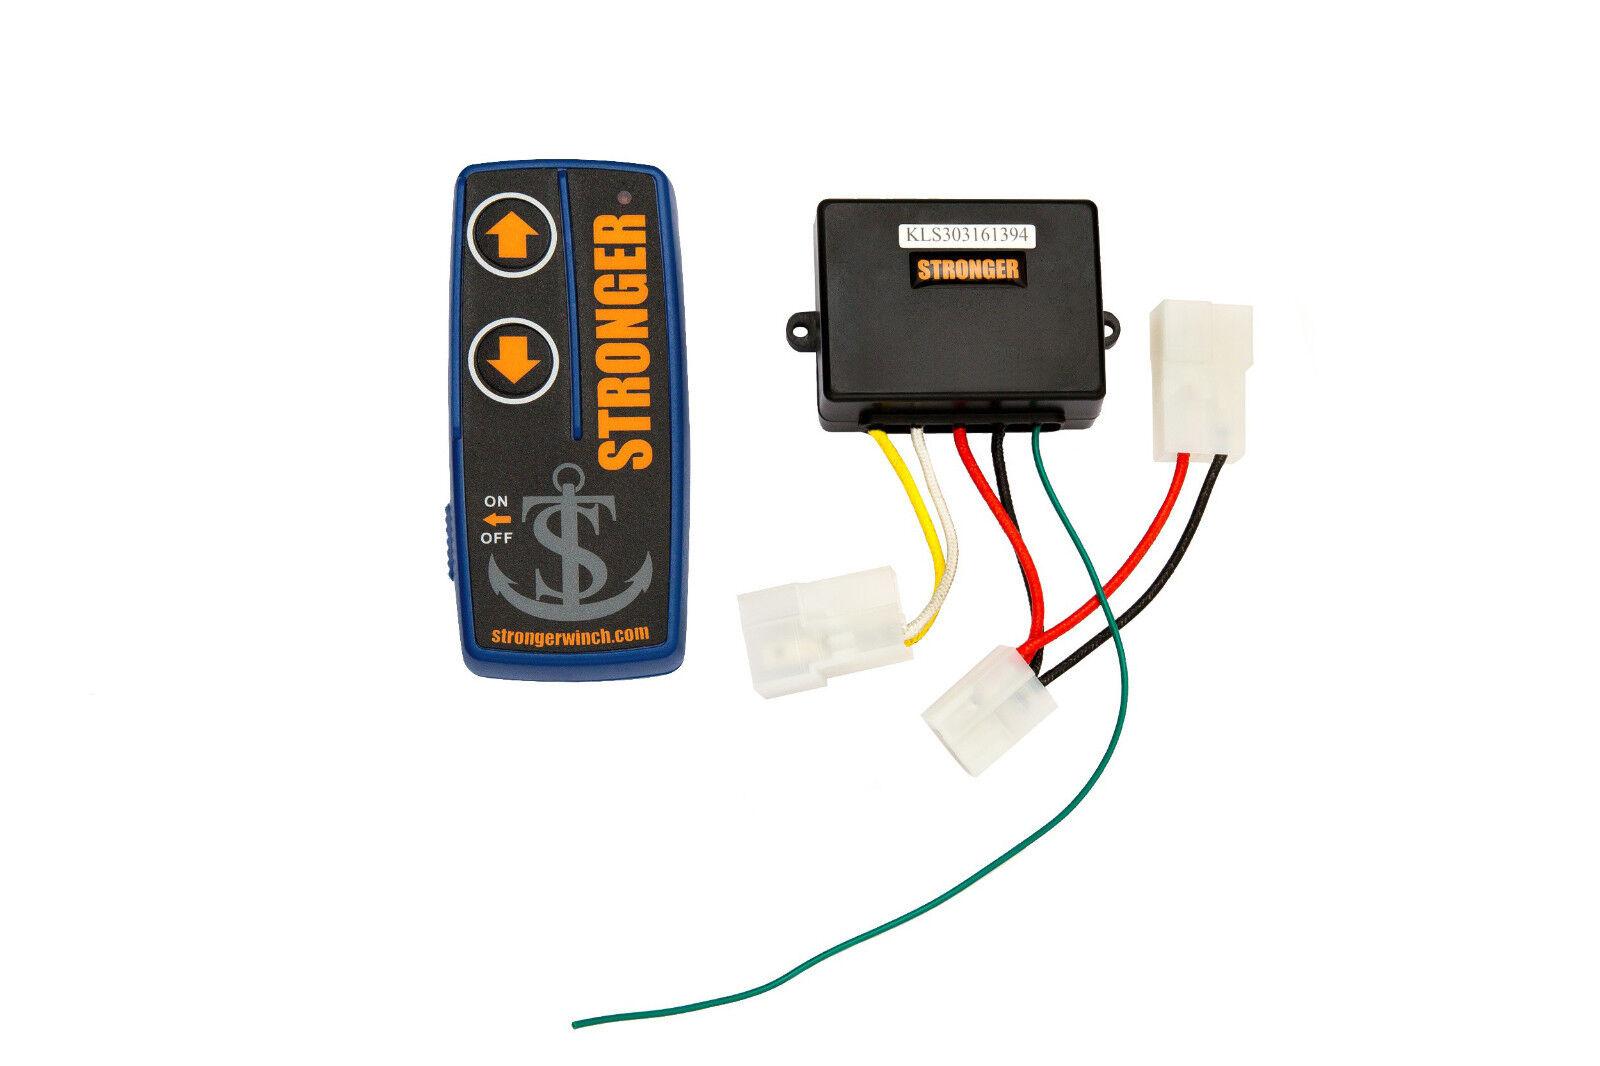 STRONGER Funkfernbedienung SchlauchStiefel für elektrische Ankerwinde SchlauchStiefel Funkfernbedienung MotorStiefel f033cb